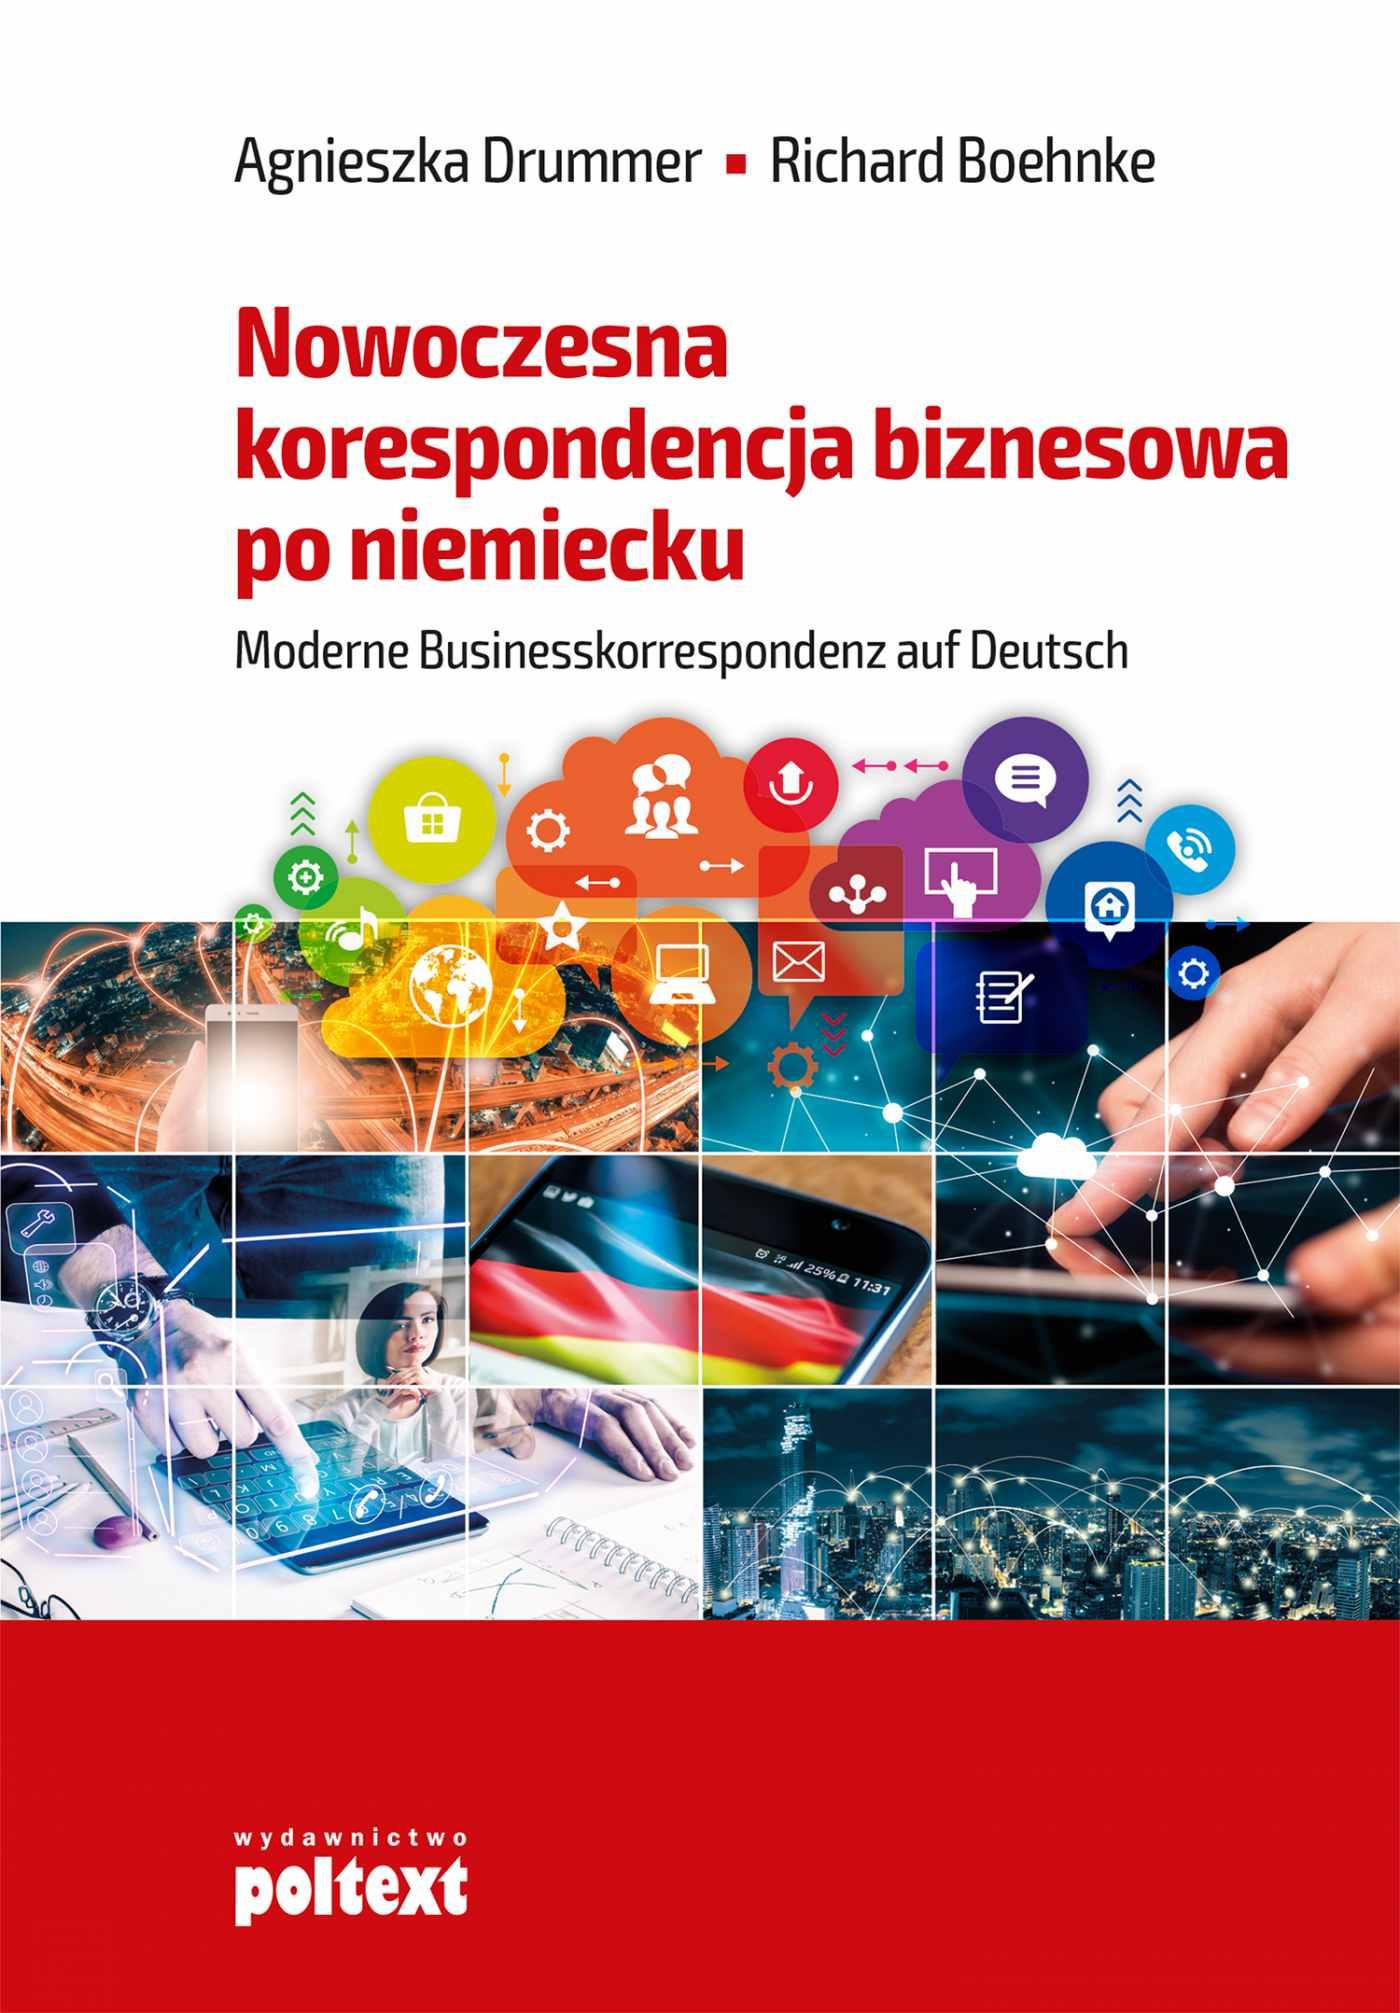 Nowoczesna korespondencja biznesowa po niemiecku - Ebook (Książka EPUB) do pobrania w formacie EPUB